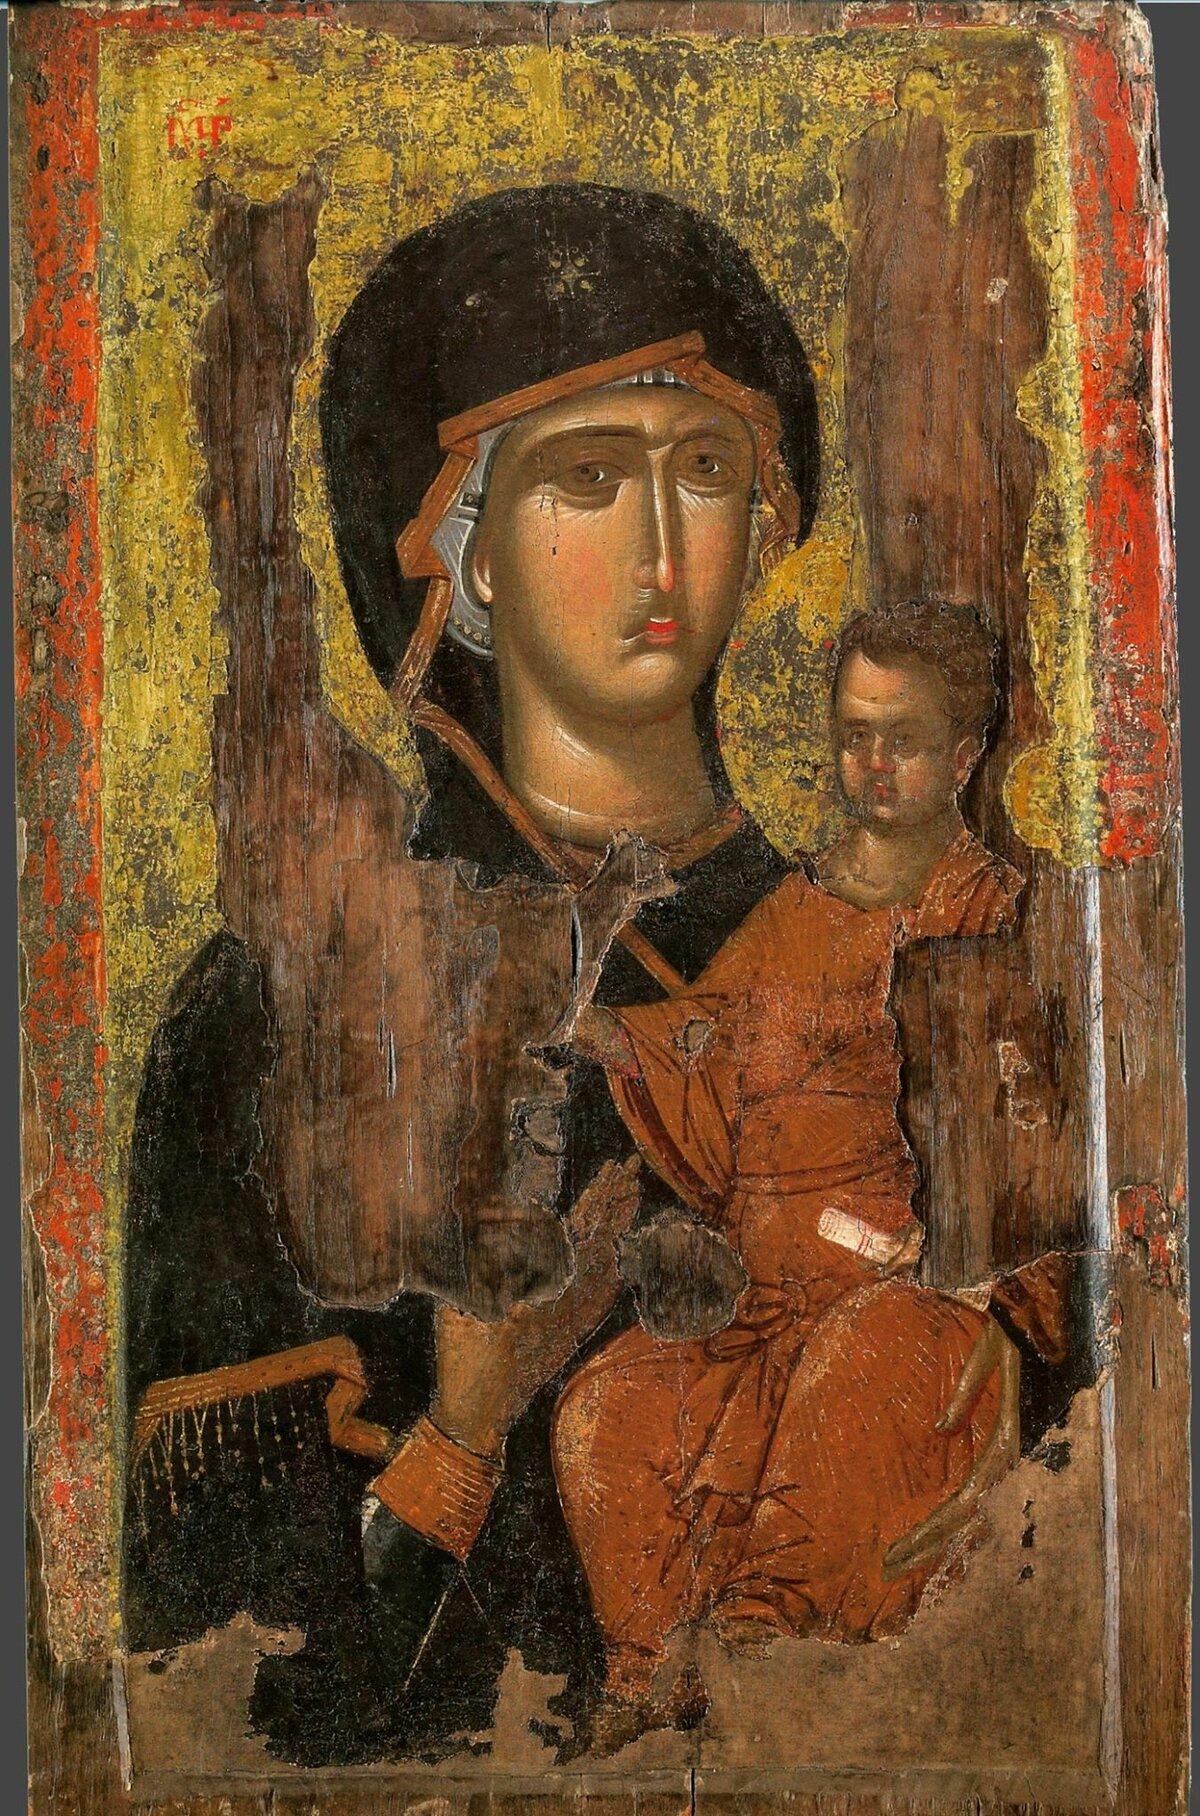 древнерусские иконы фото плотные ветвистые, короткими